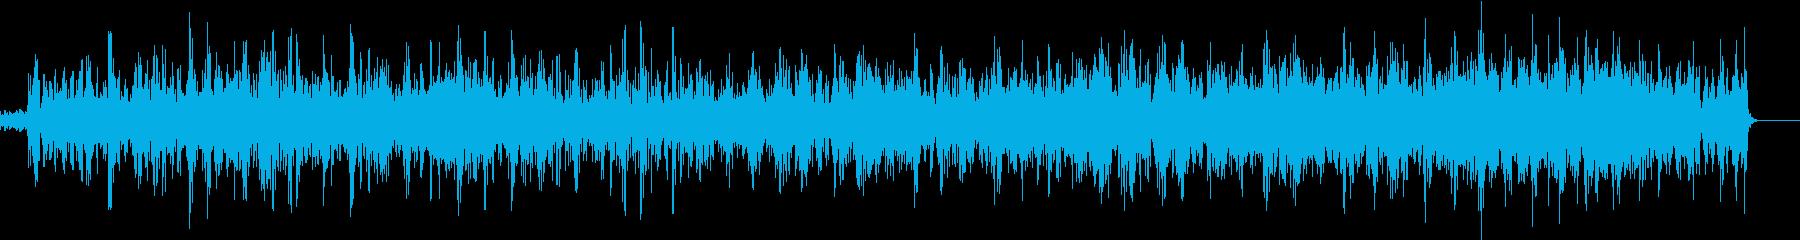 暗くうごめくような切ないサウンドの再生済みの波形